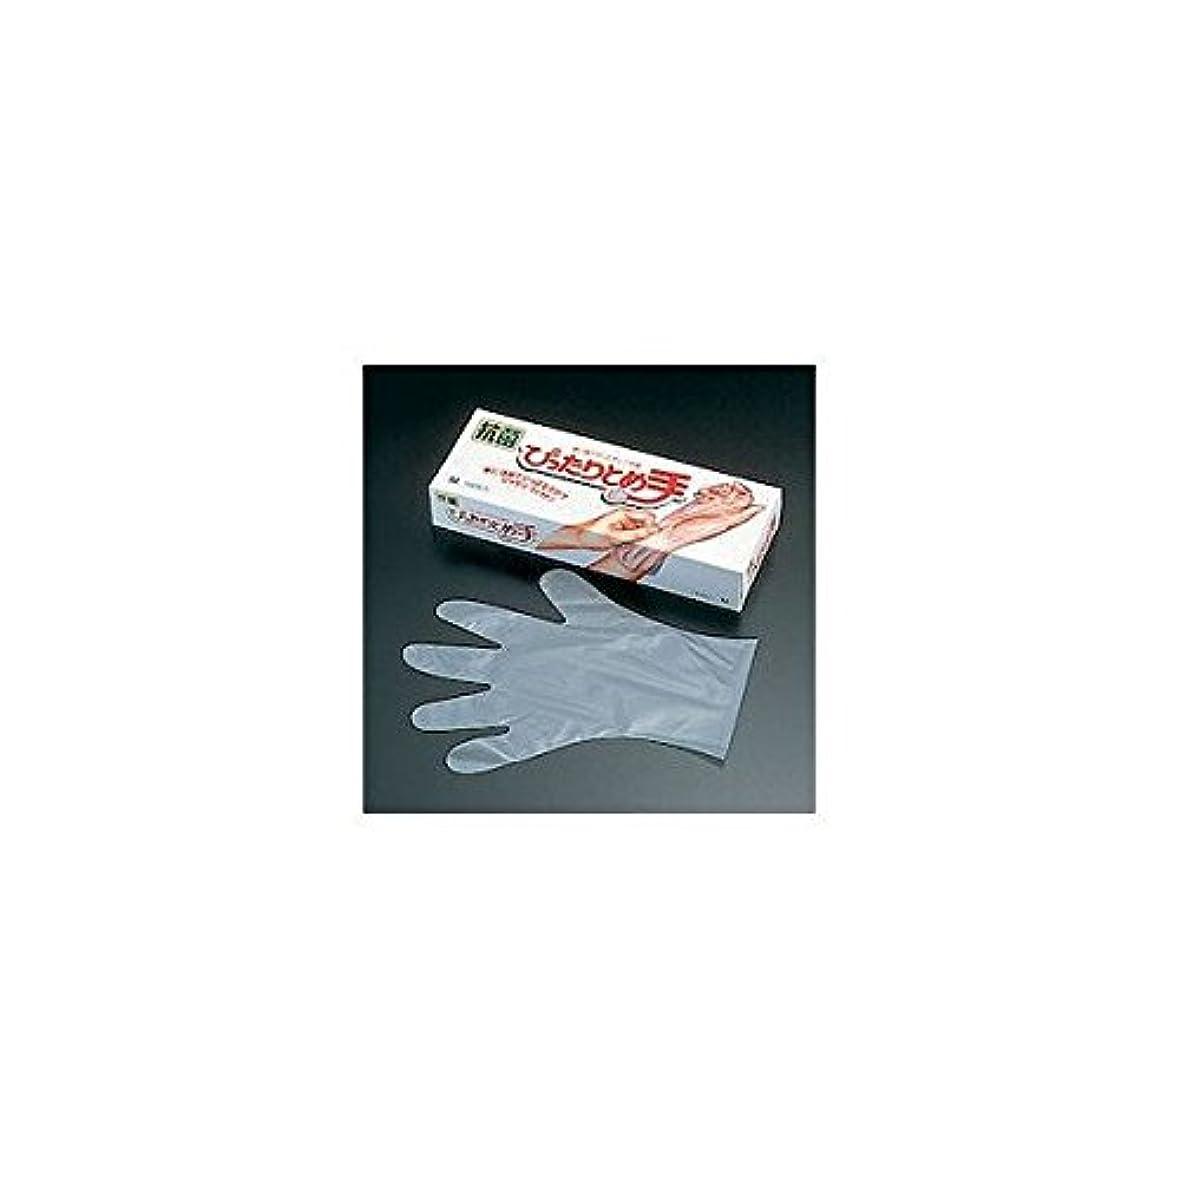 血まみれぬるい模索リケンファブロ 手袋 抗菌ぴったりとめ手 S (100枚入) STB431